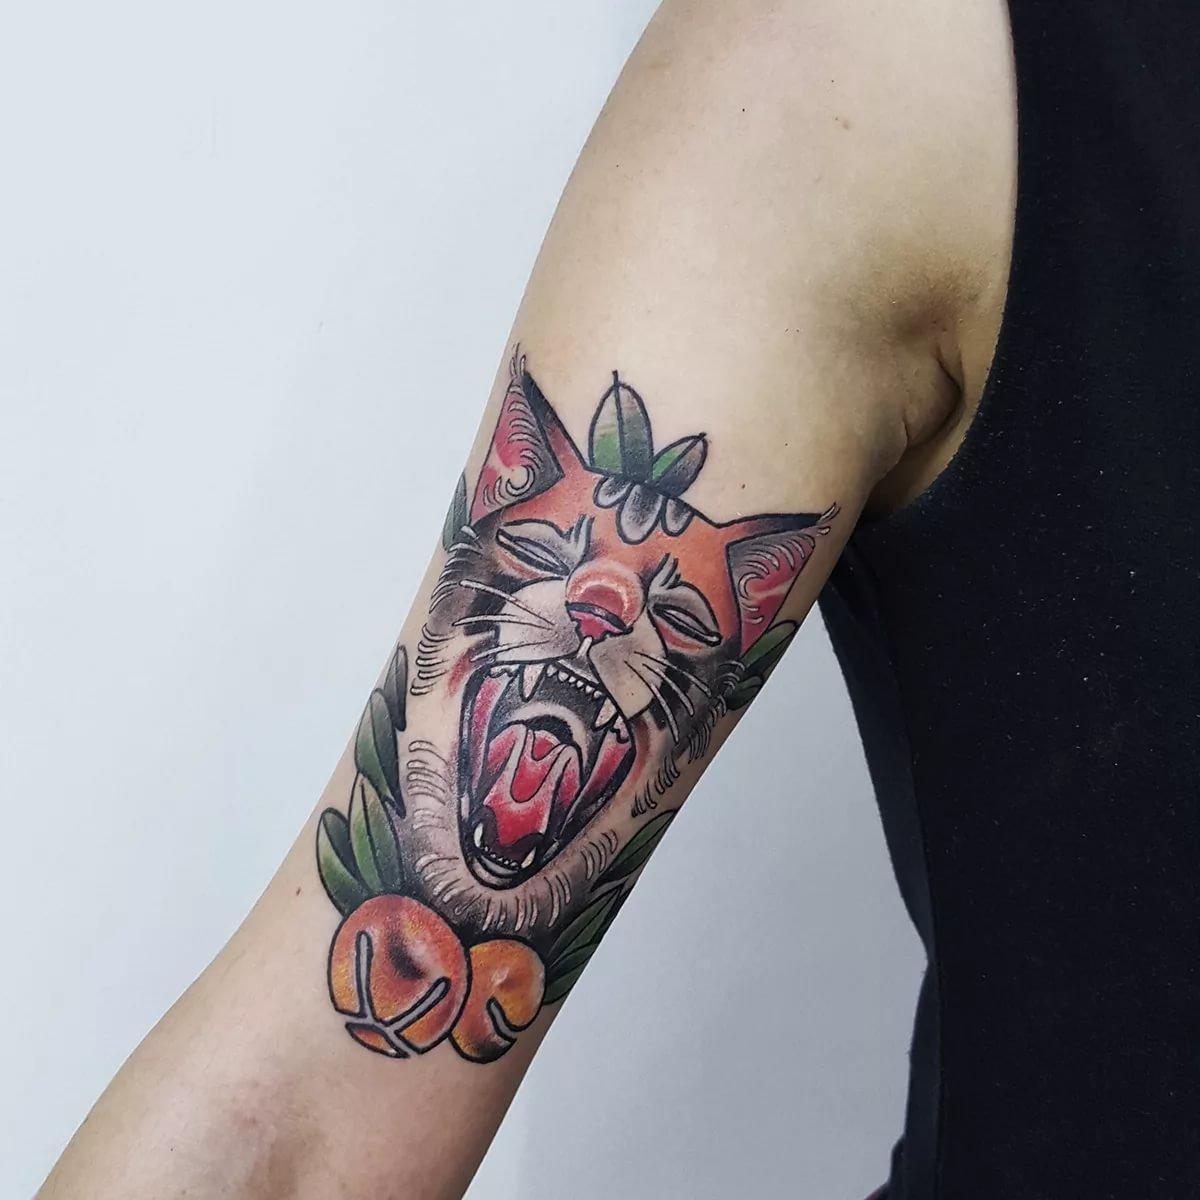 Классные и крутые татуировки на руках и на бицепсе - картинки, фото 13